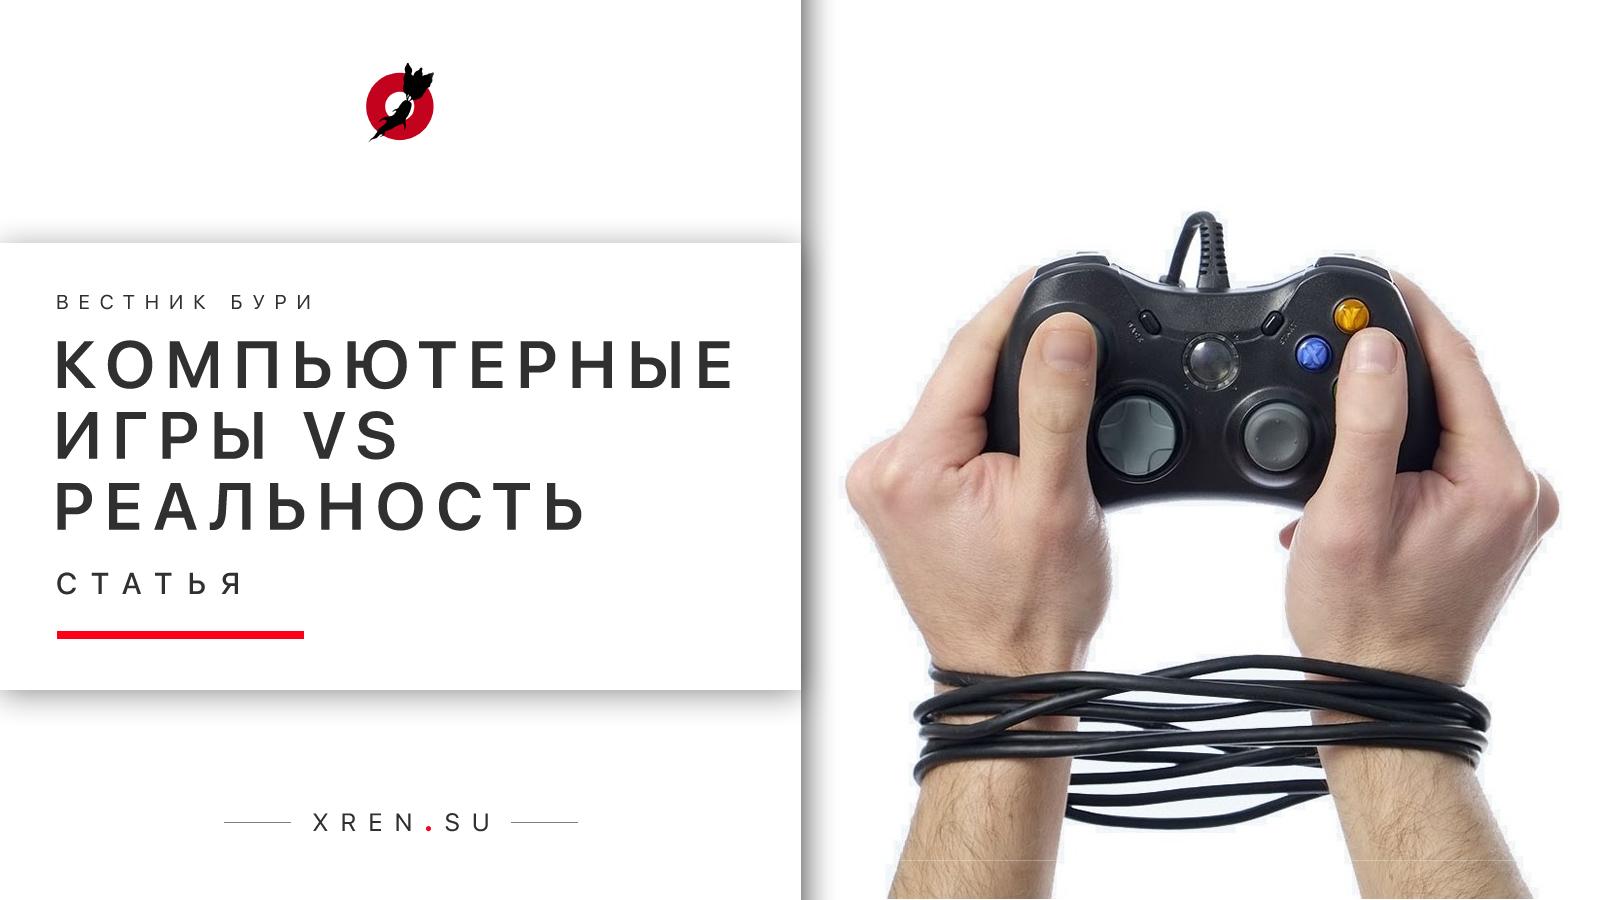 Компьютерные игры vs реальность